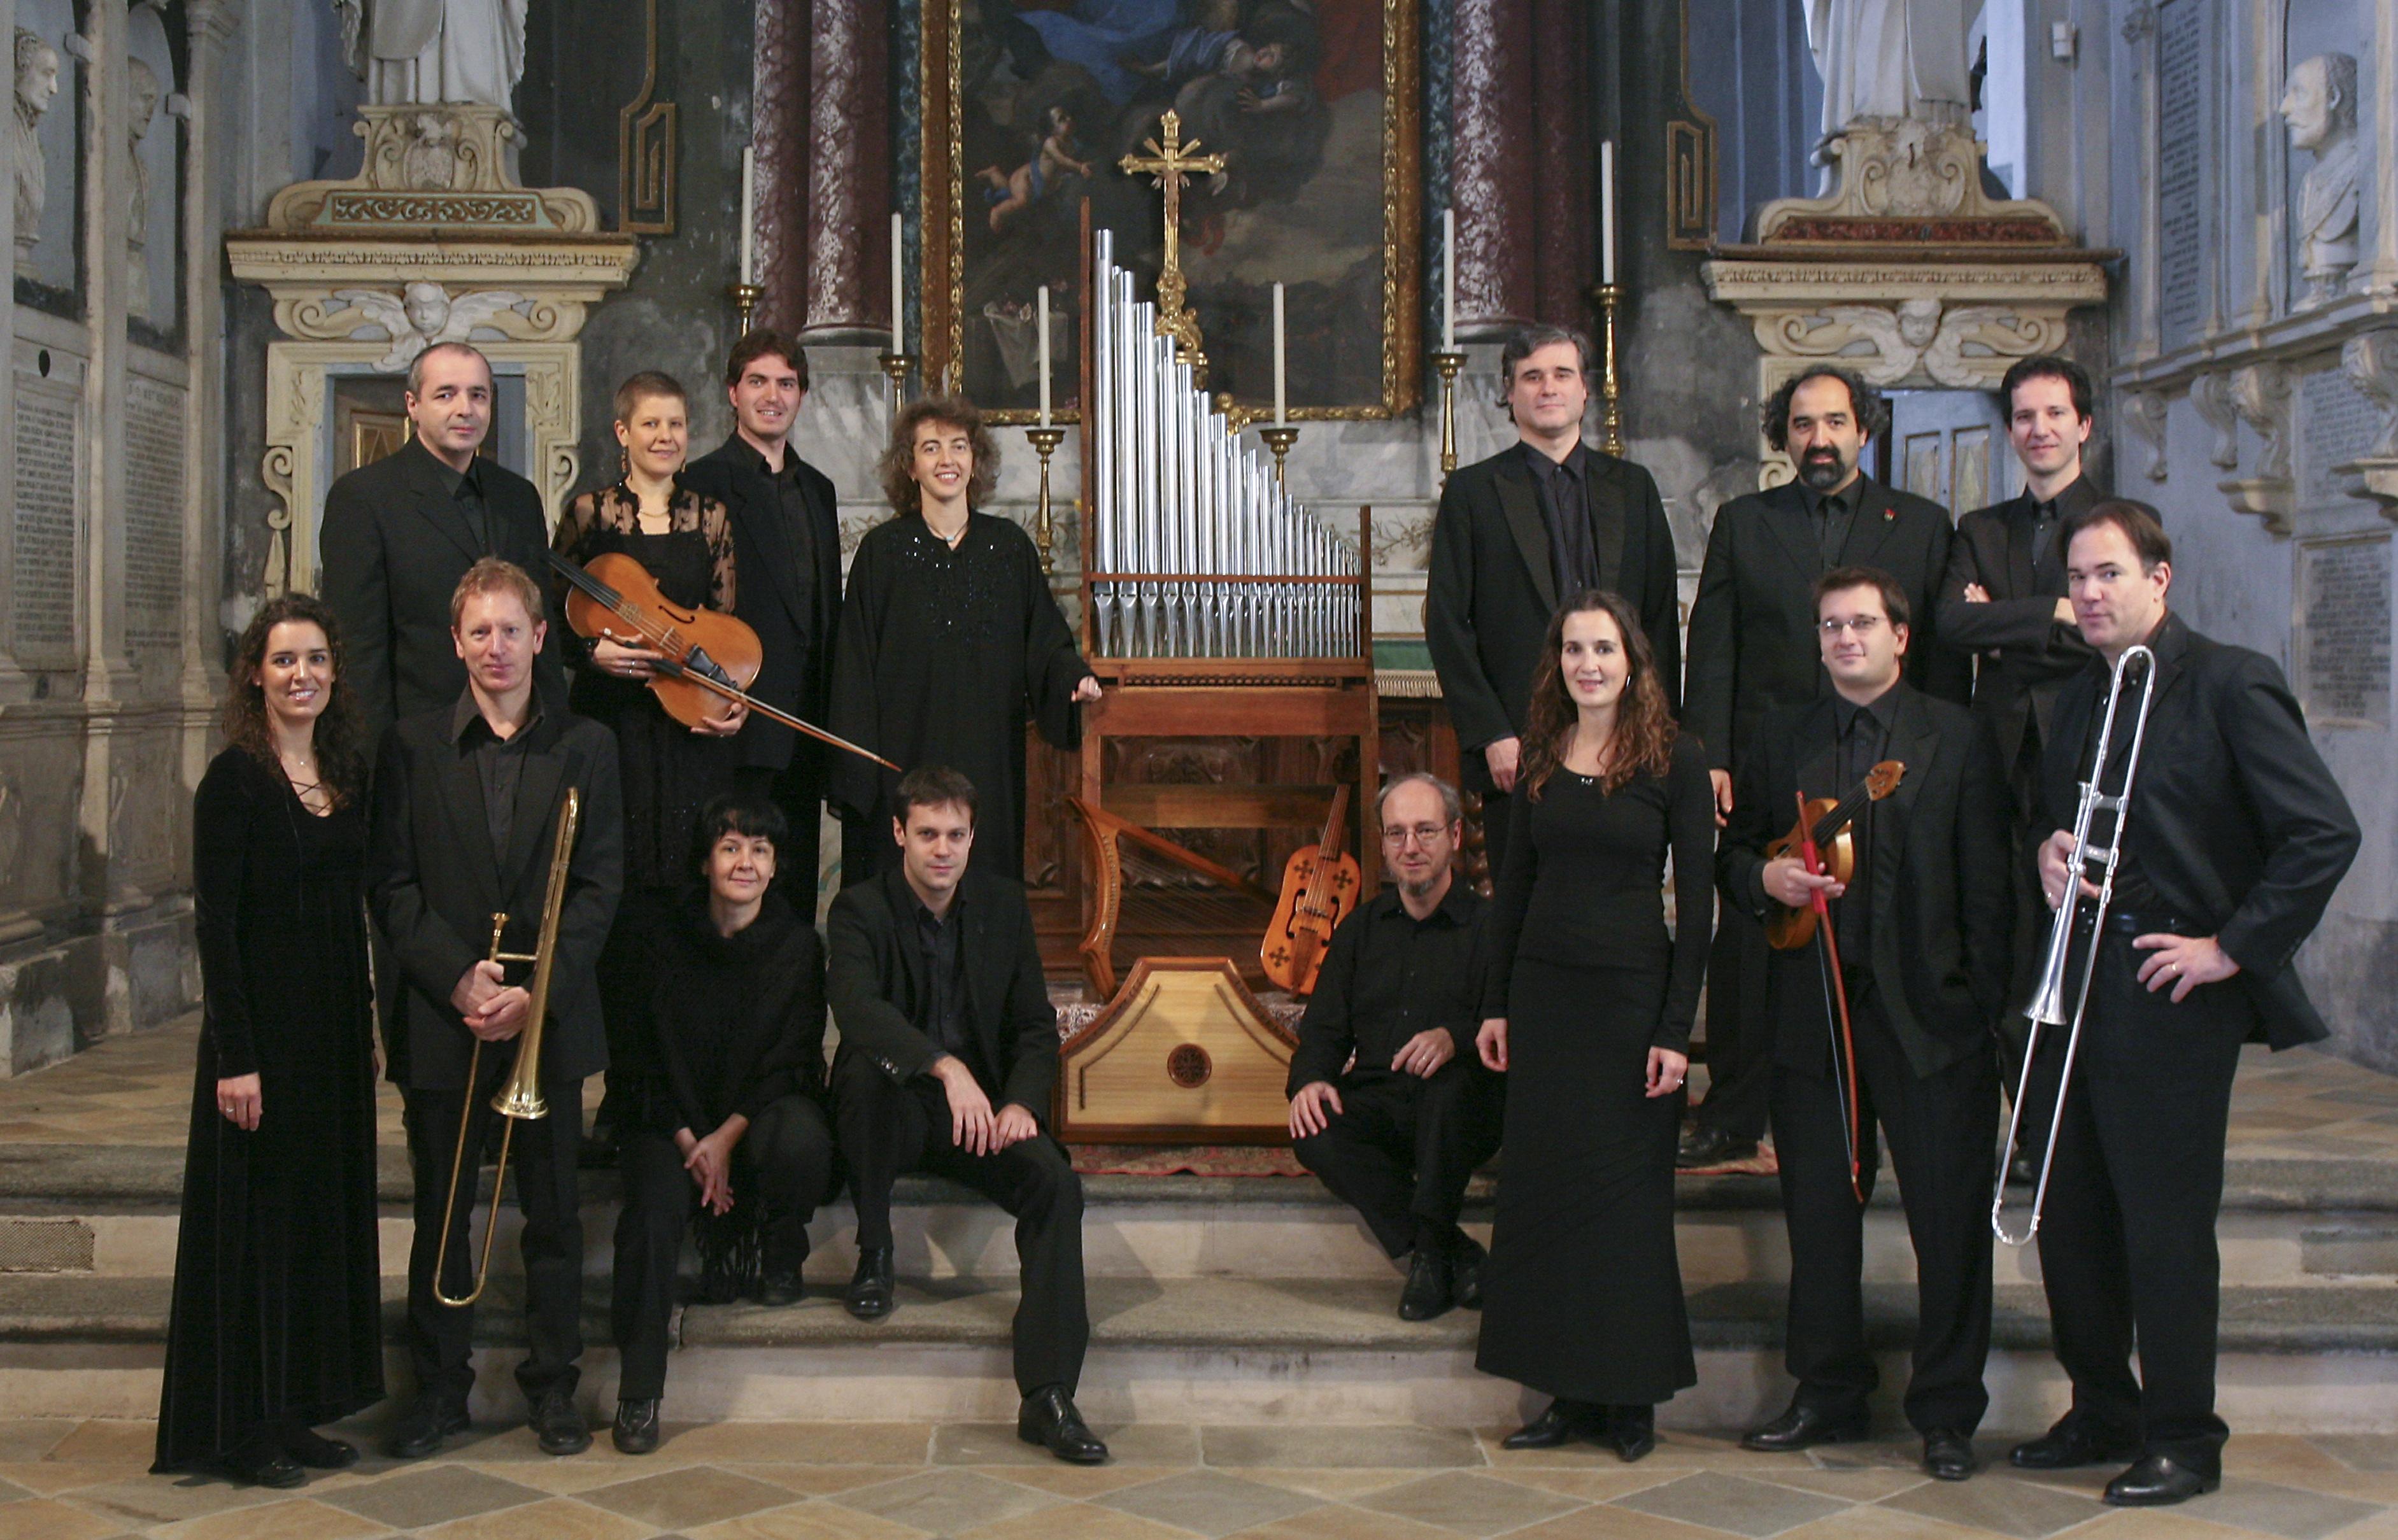 17-08-Cantica-Symphonia-foto-Paolo-Cantamessa